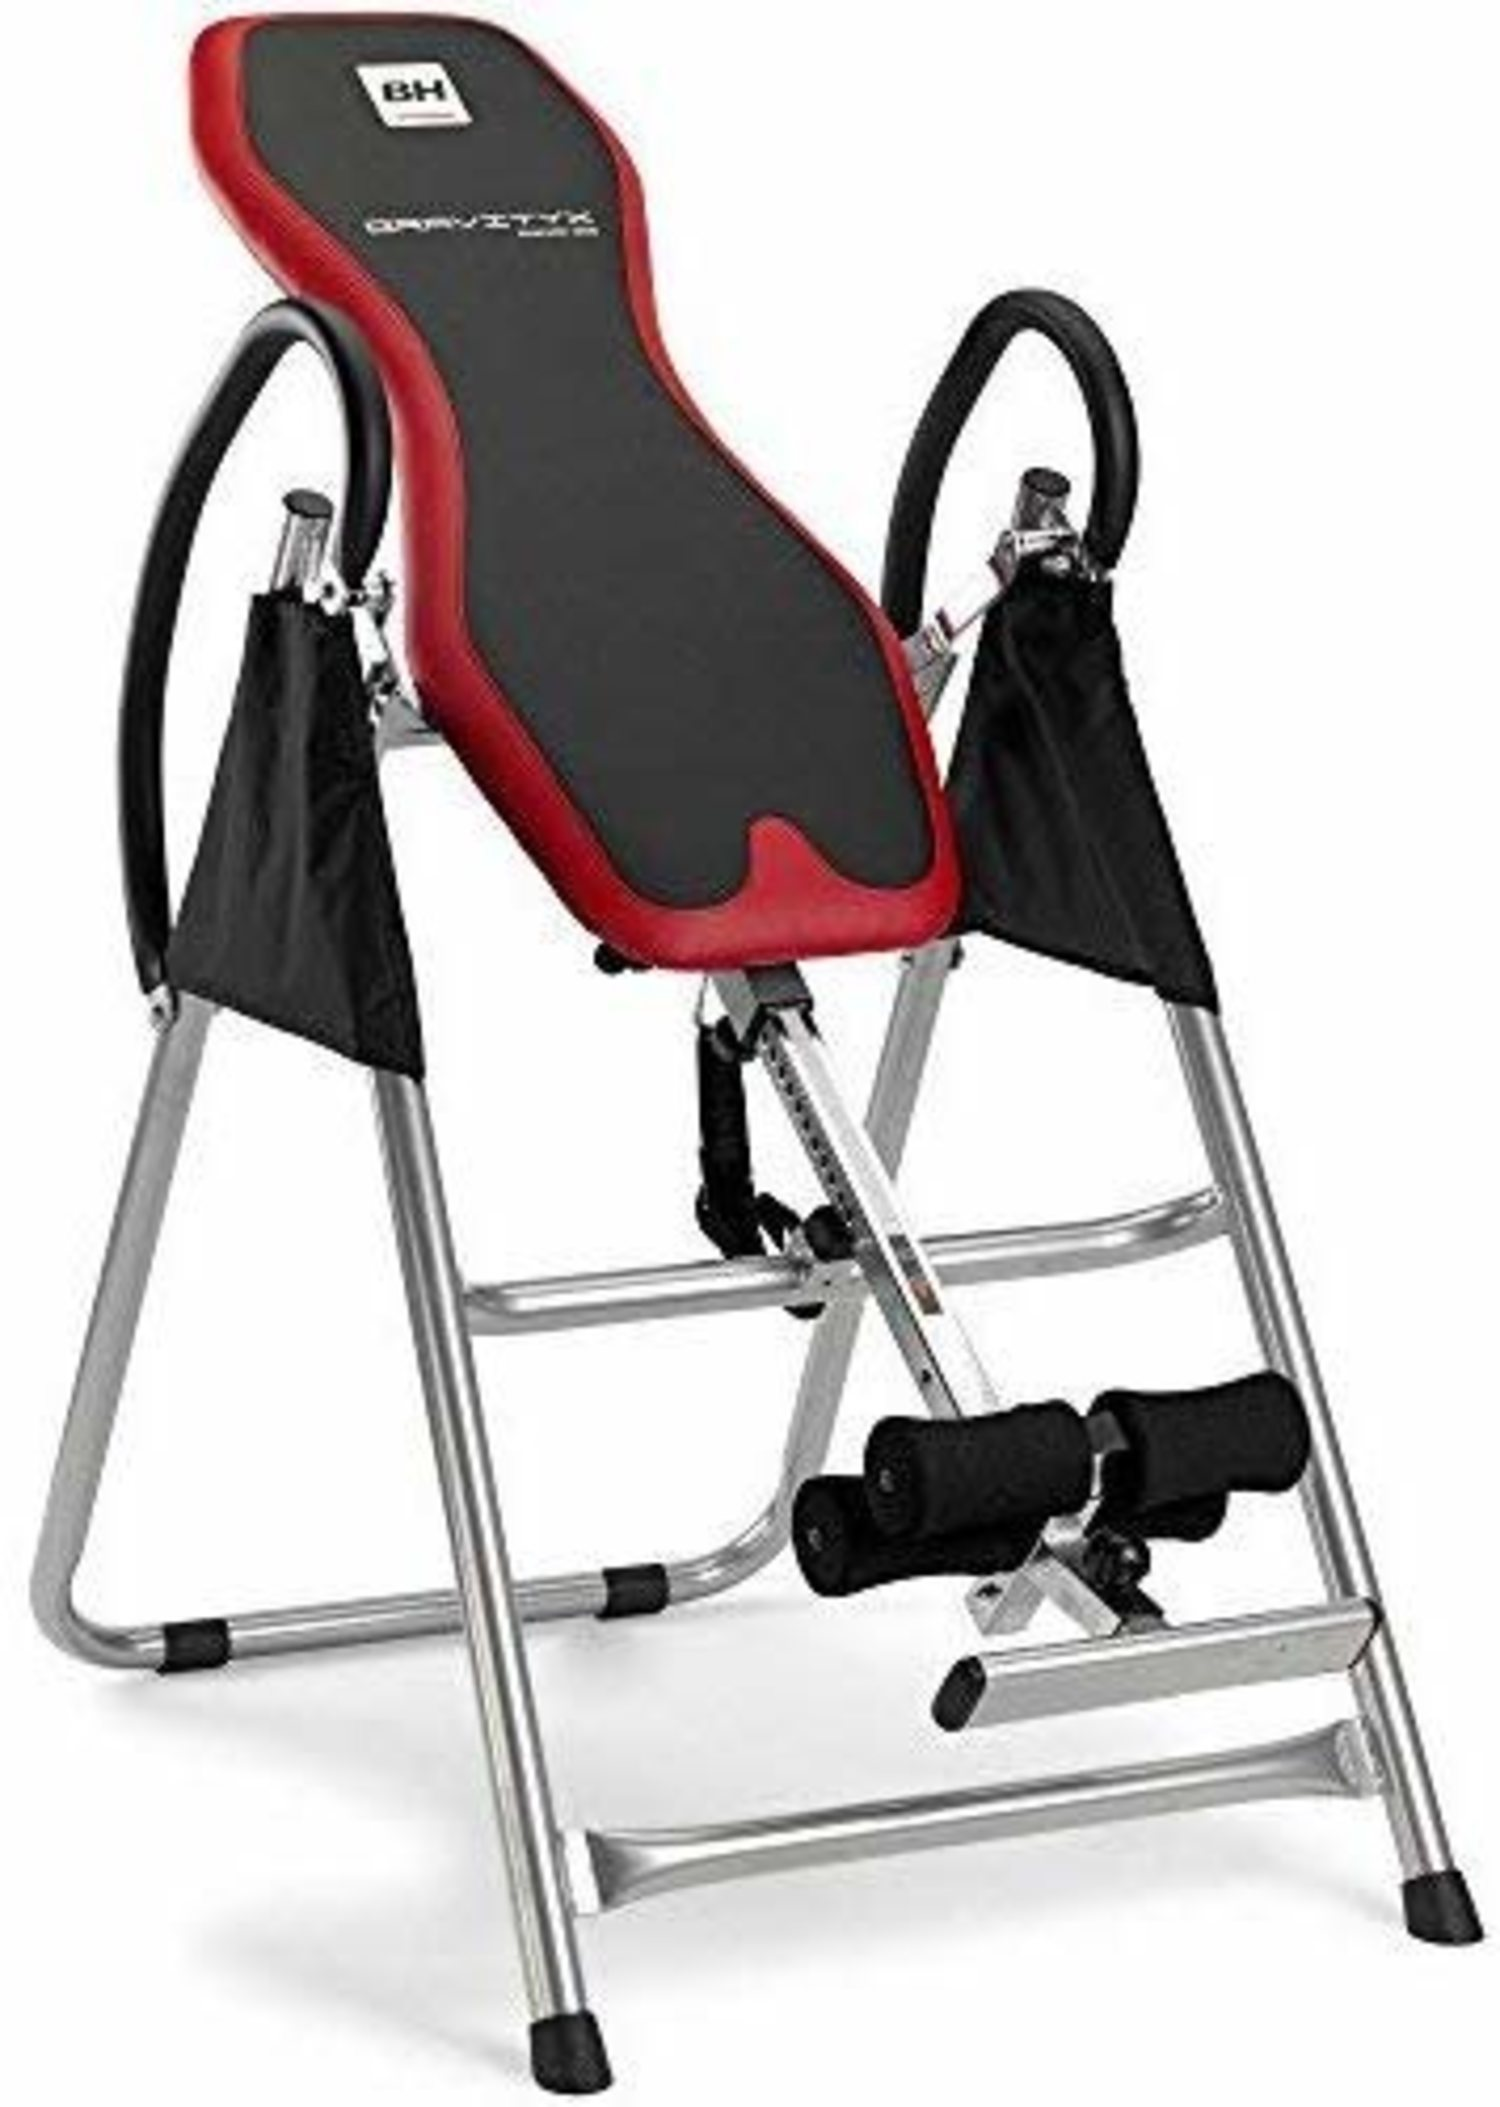 Tabla BH Fitness de inversión, ideal para relajar los los músculos y la columna vertebral.